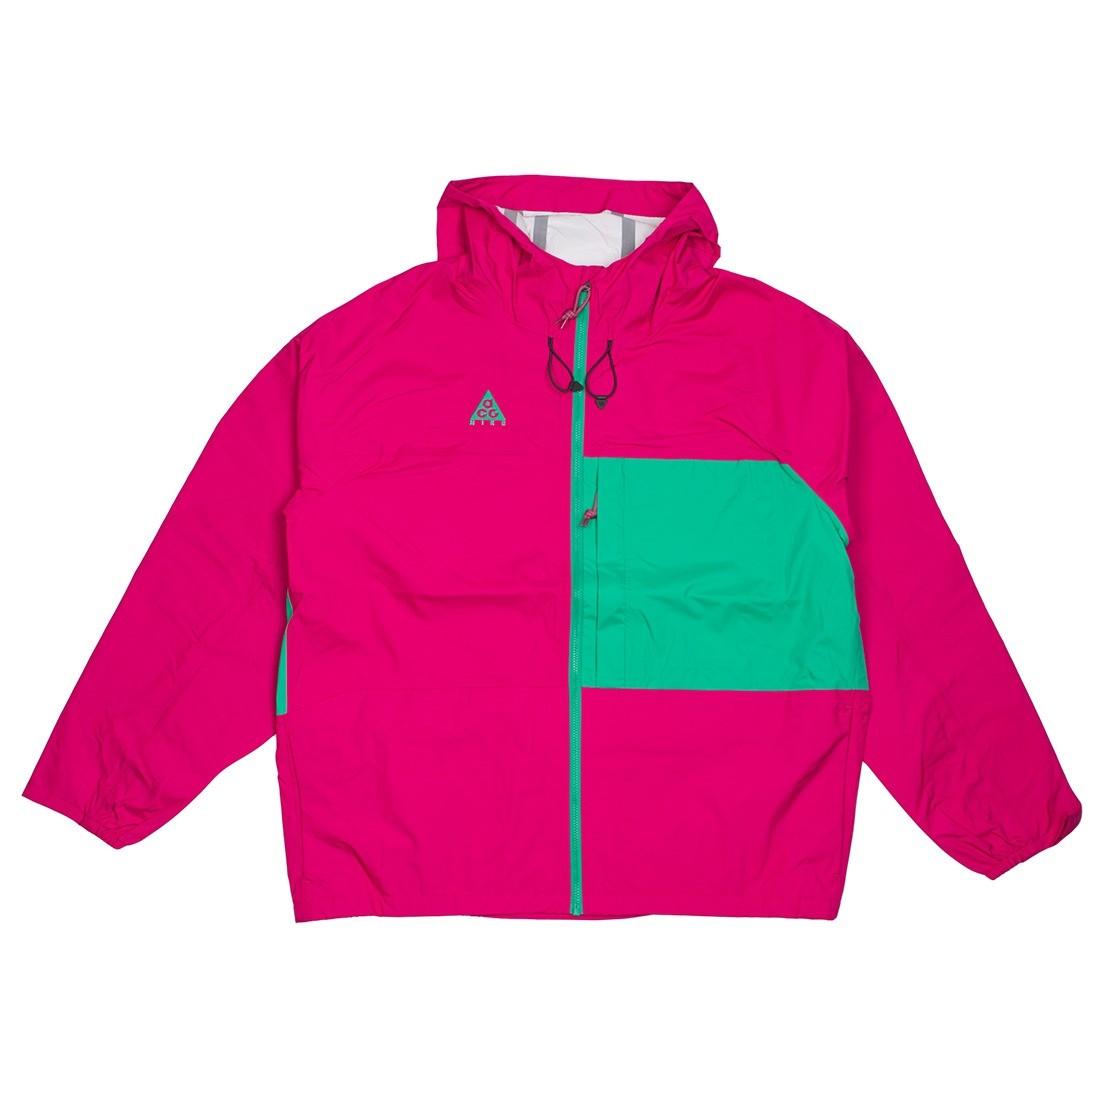 Nike Men Nrg Acg 2.5L Packable Jacket (sport fuchsia / lucid green)